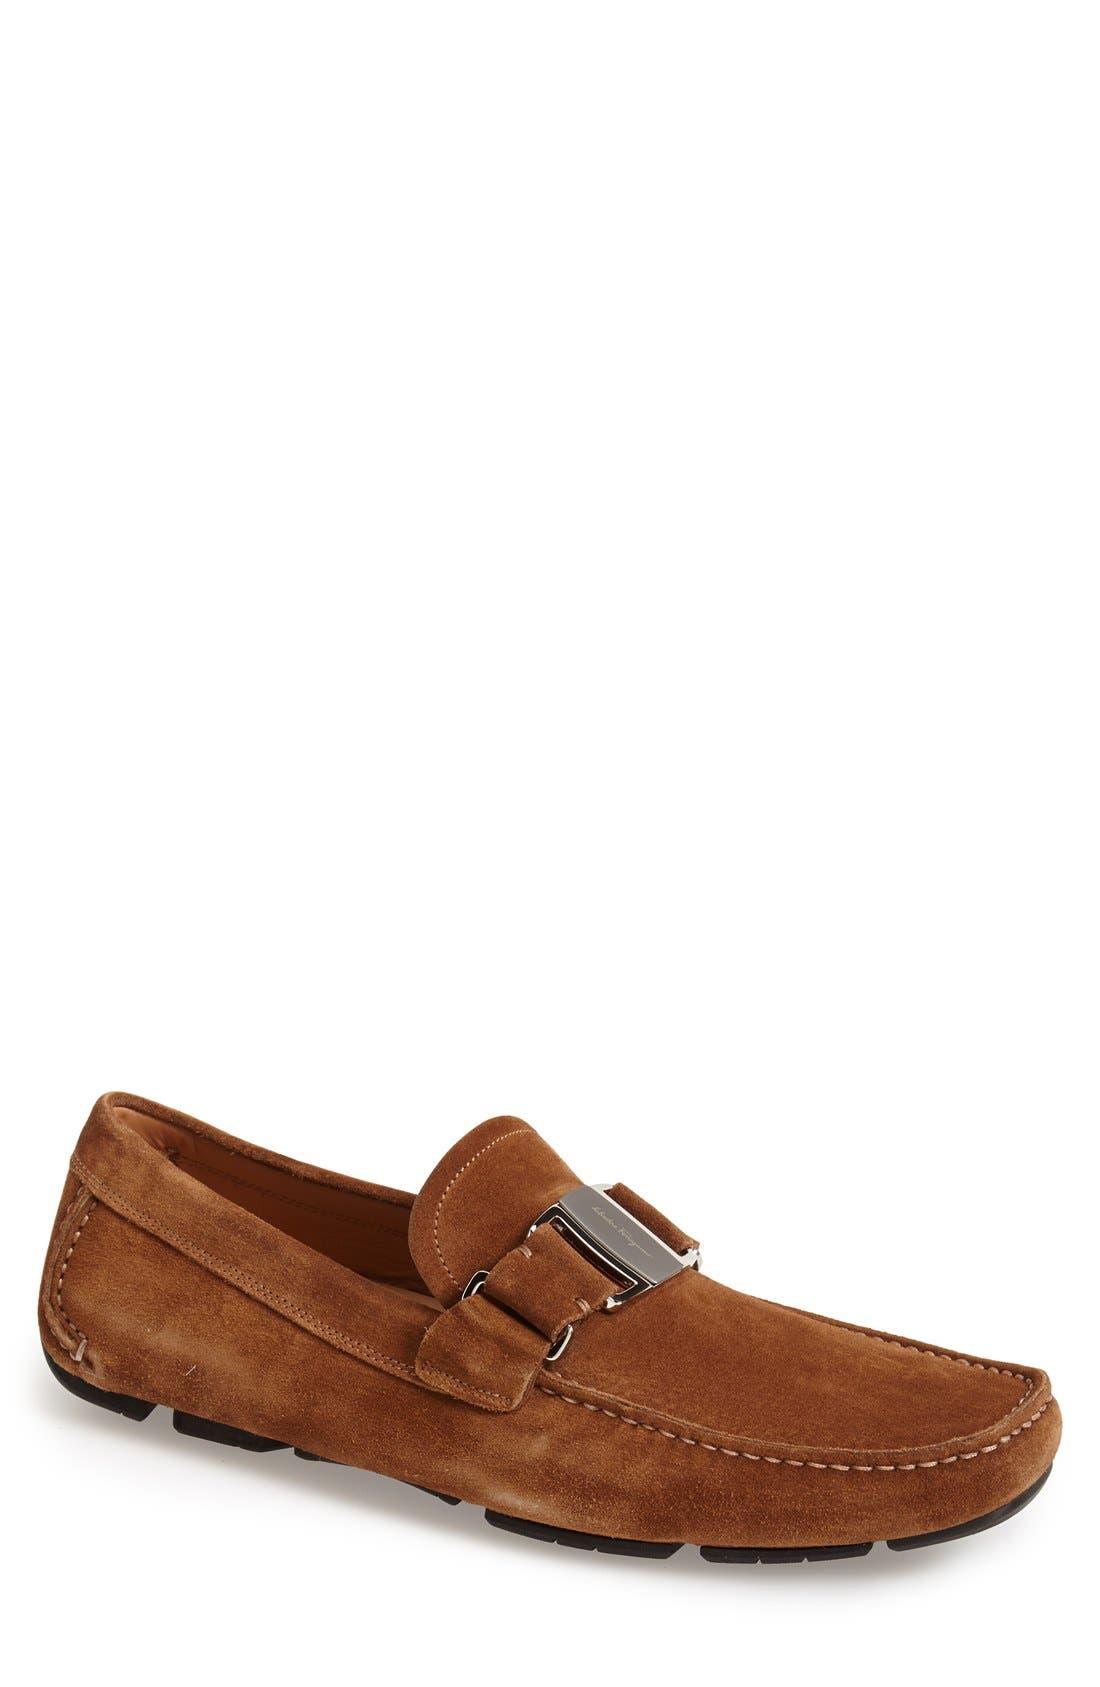 69e3d99106e Salvatore Ferragamo - Men s Casual Fashion Shoes and Sneakers